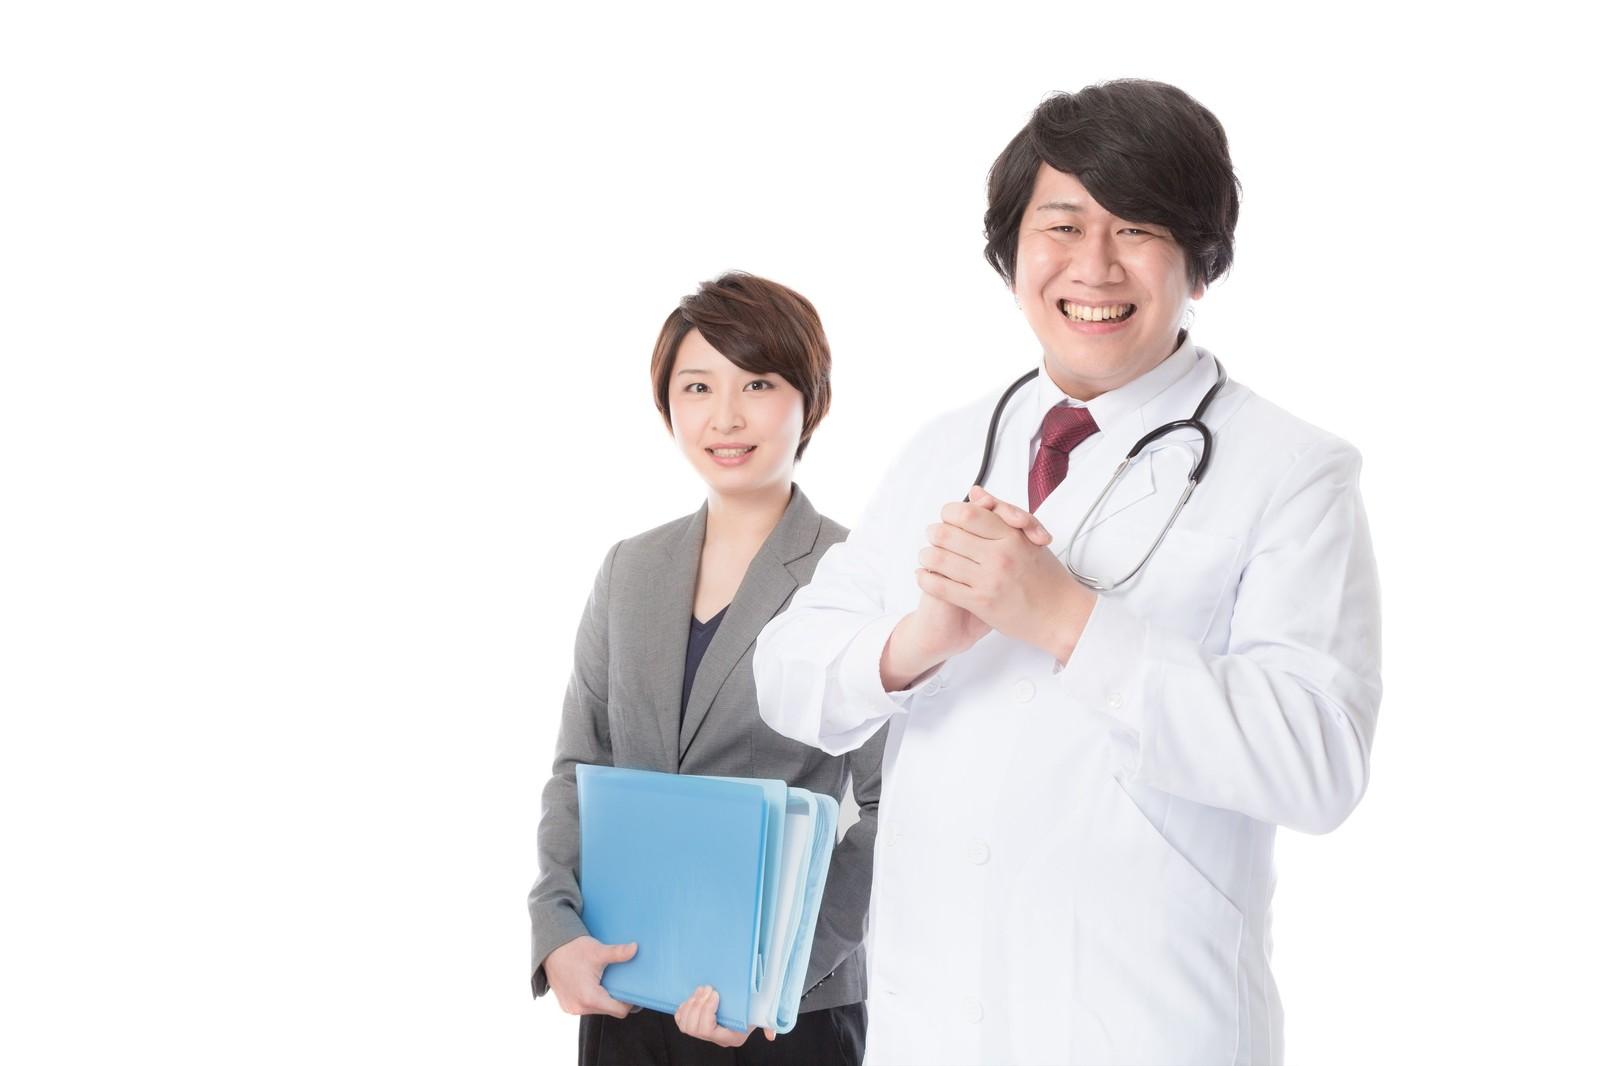 サチリアージスの症状とは?サチリアージスの治療法について調べました。